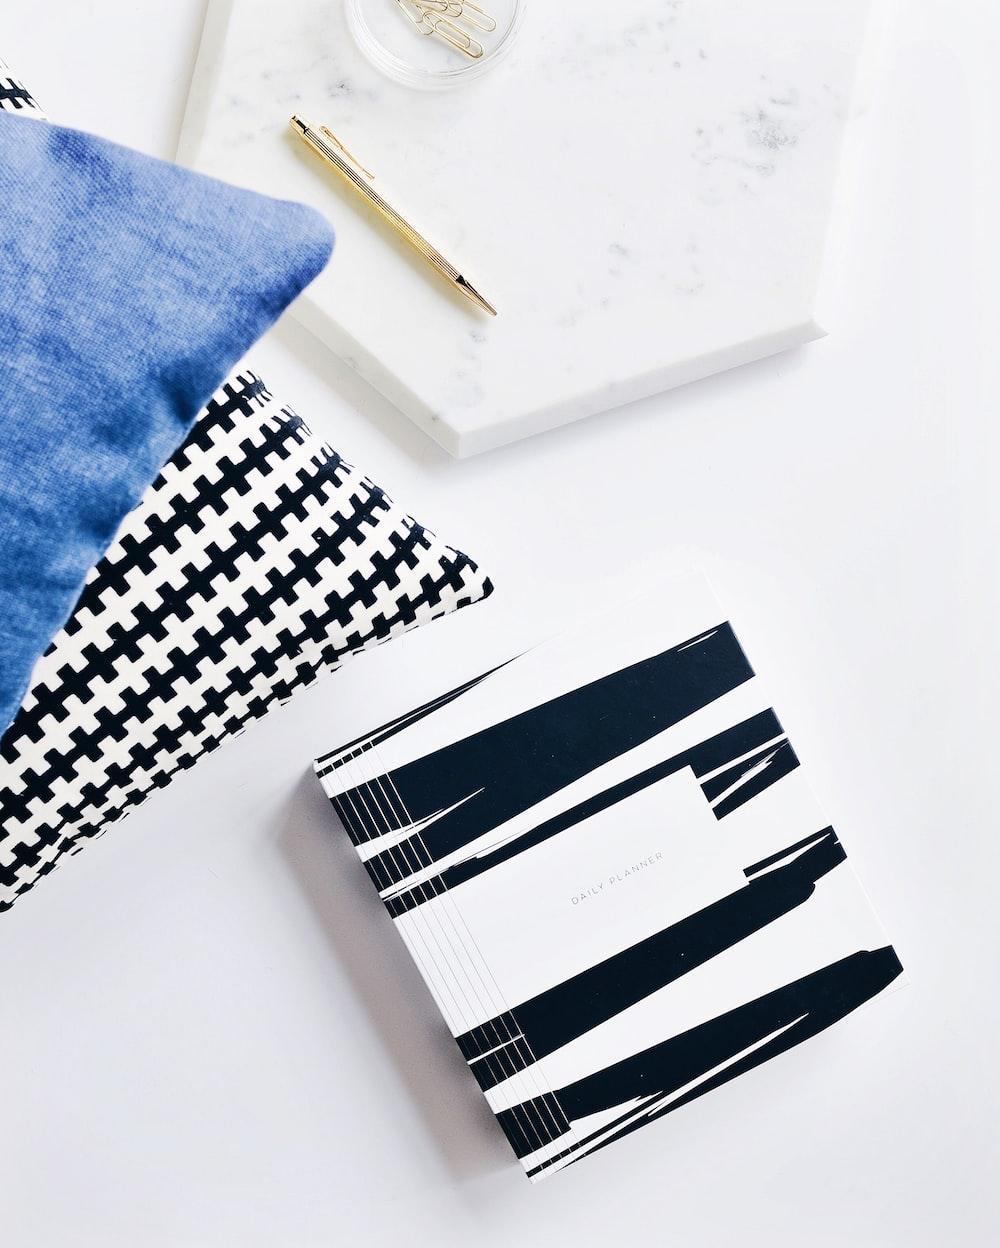 gray retractable pen beside blue textile